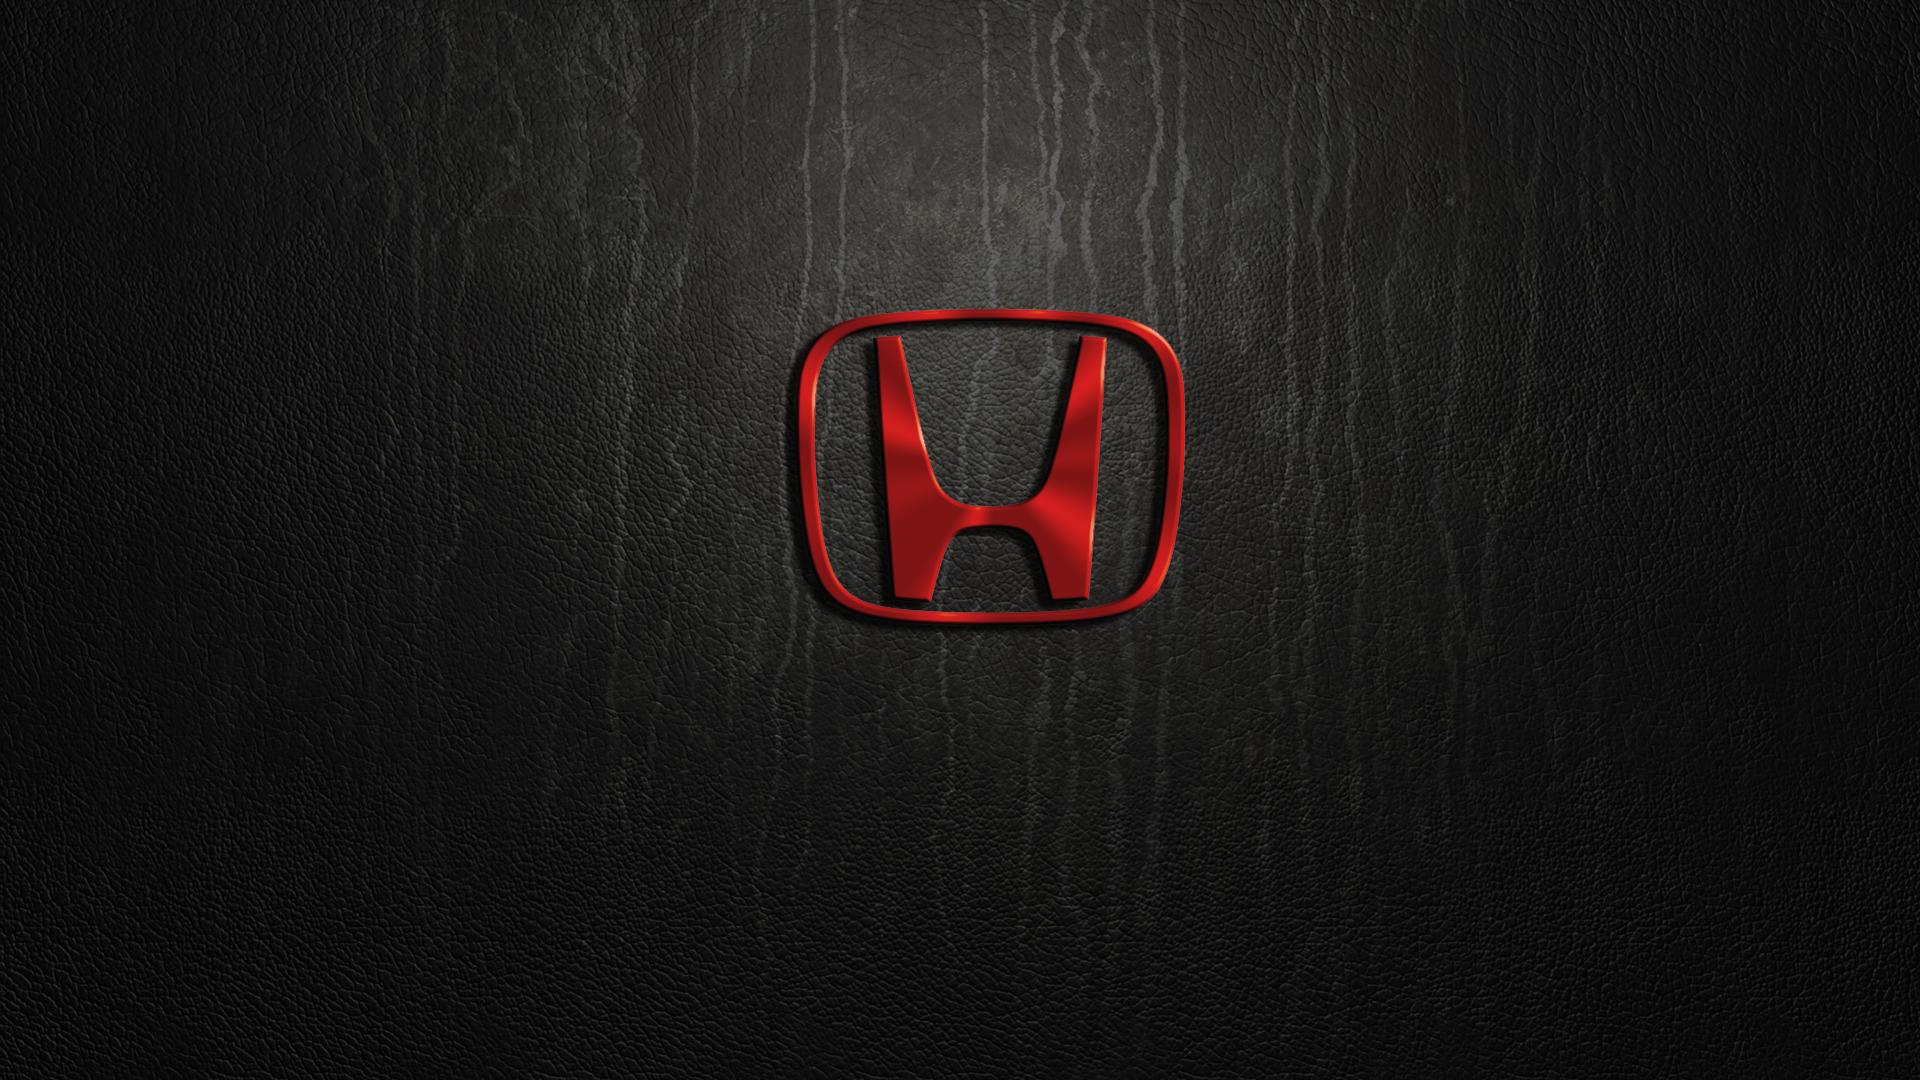 Honda Logo Wallpaper Wallpapersafari Coches Increíbles Y